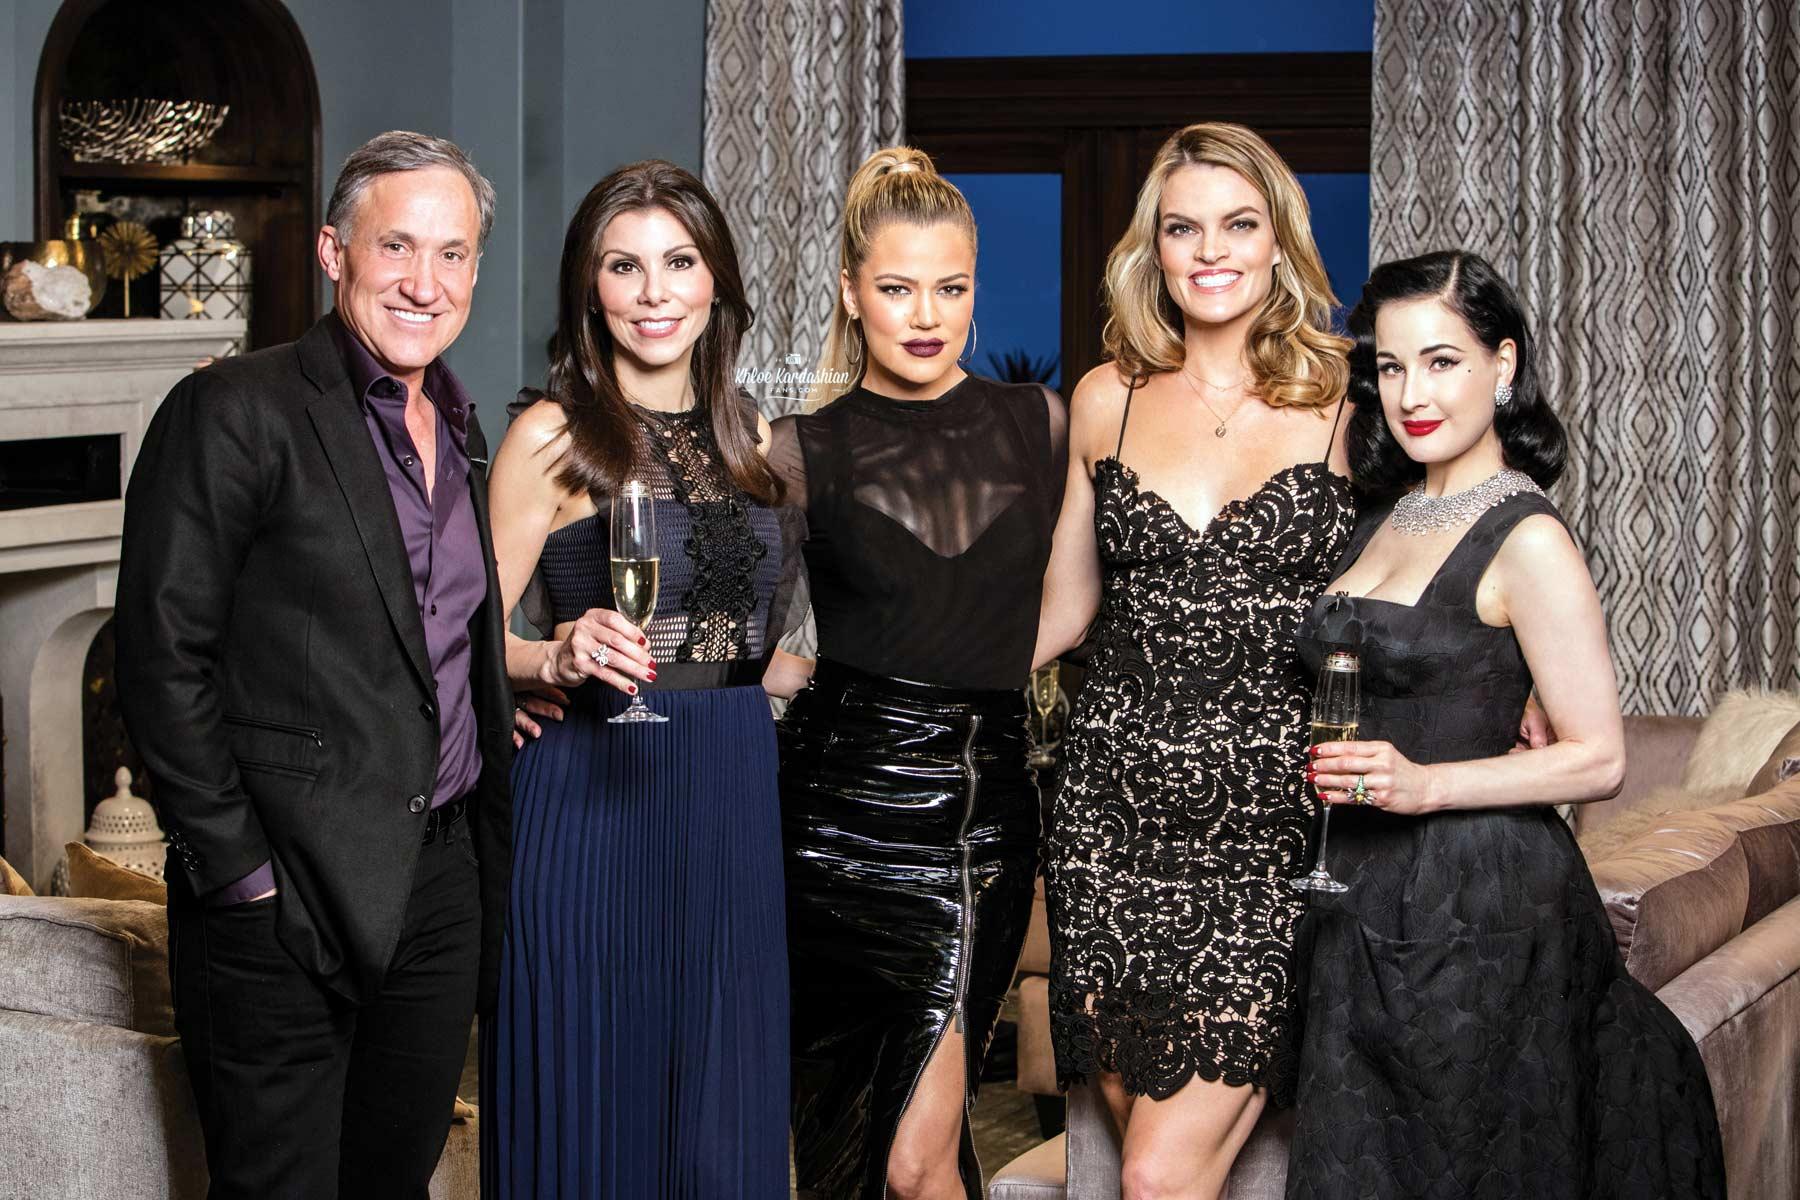 Khloe Kardashian on the set of Kocktails with Khloe